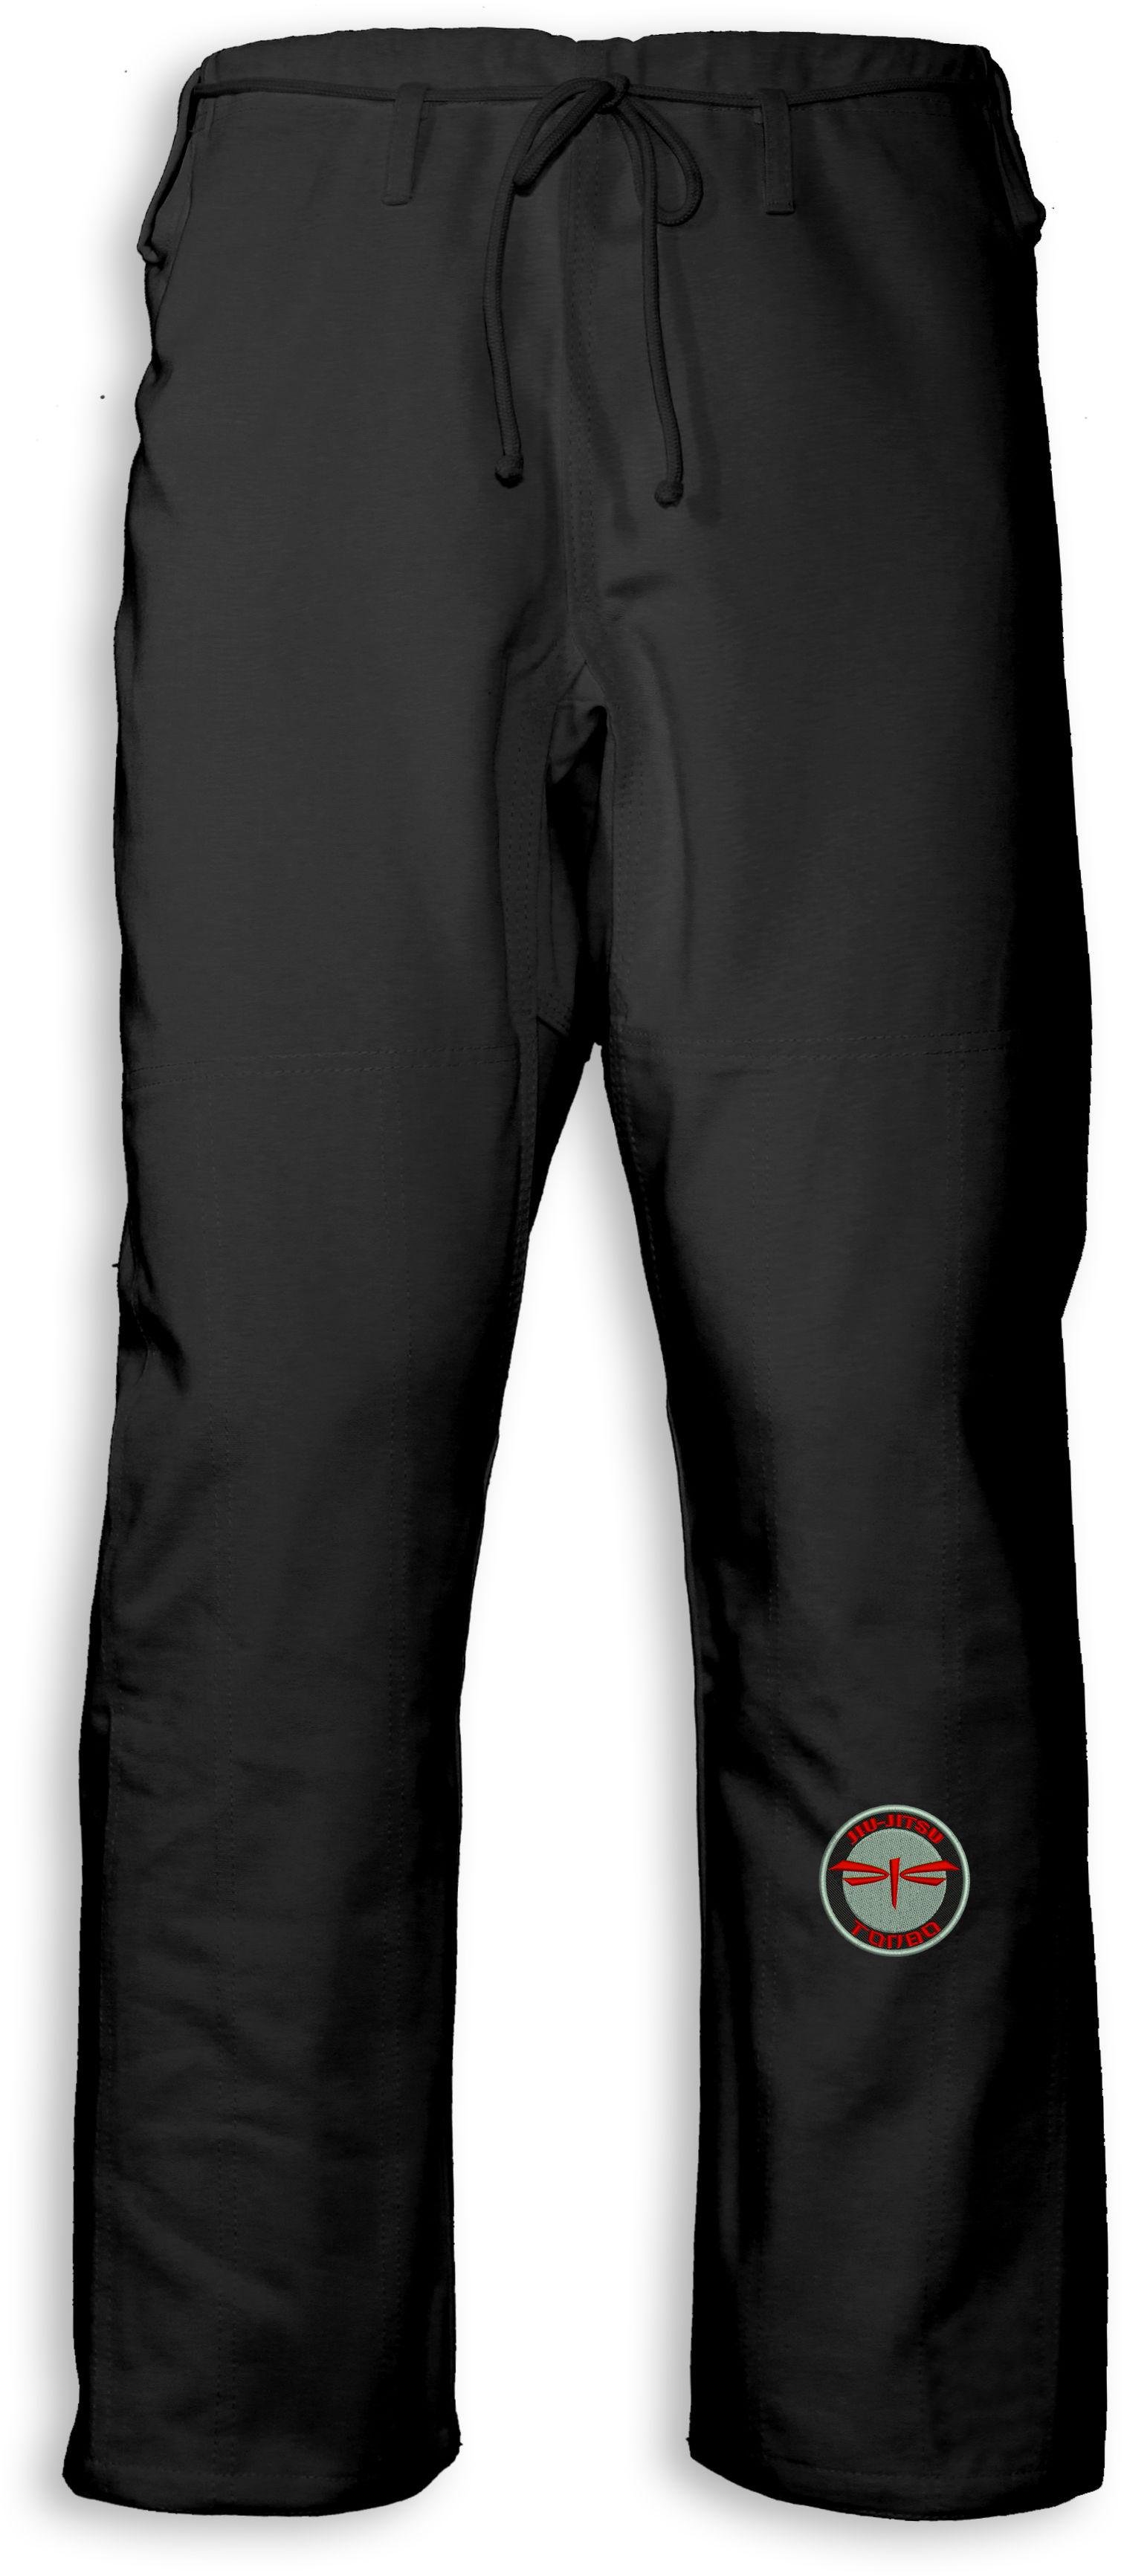 spodnie BJJ / Jiu-jitsu NAKED, czarne, 12oz (27 rozmiarów)